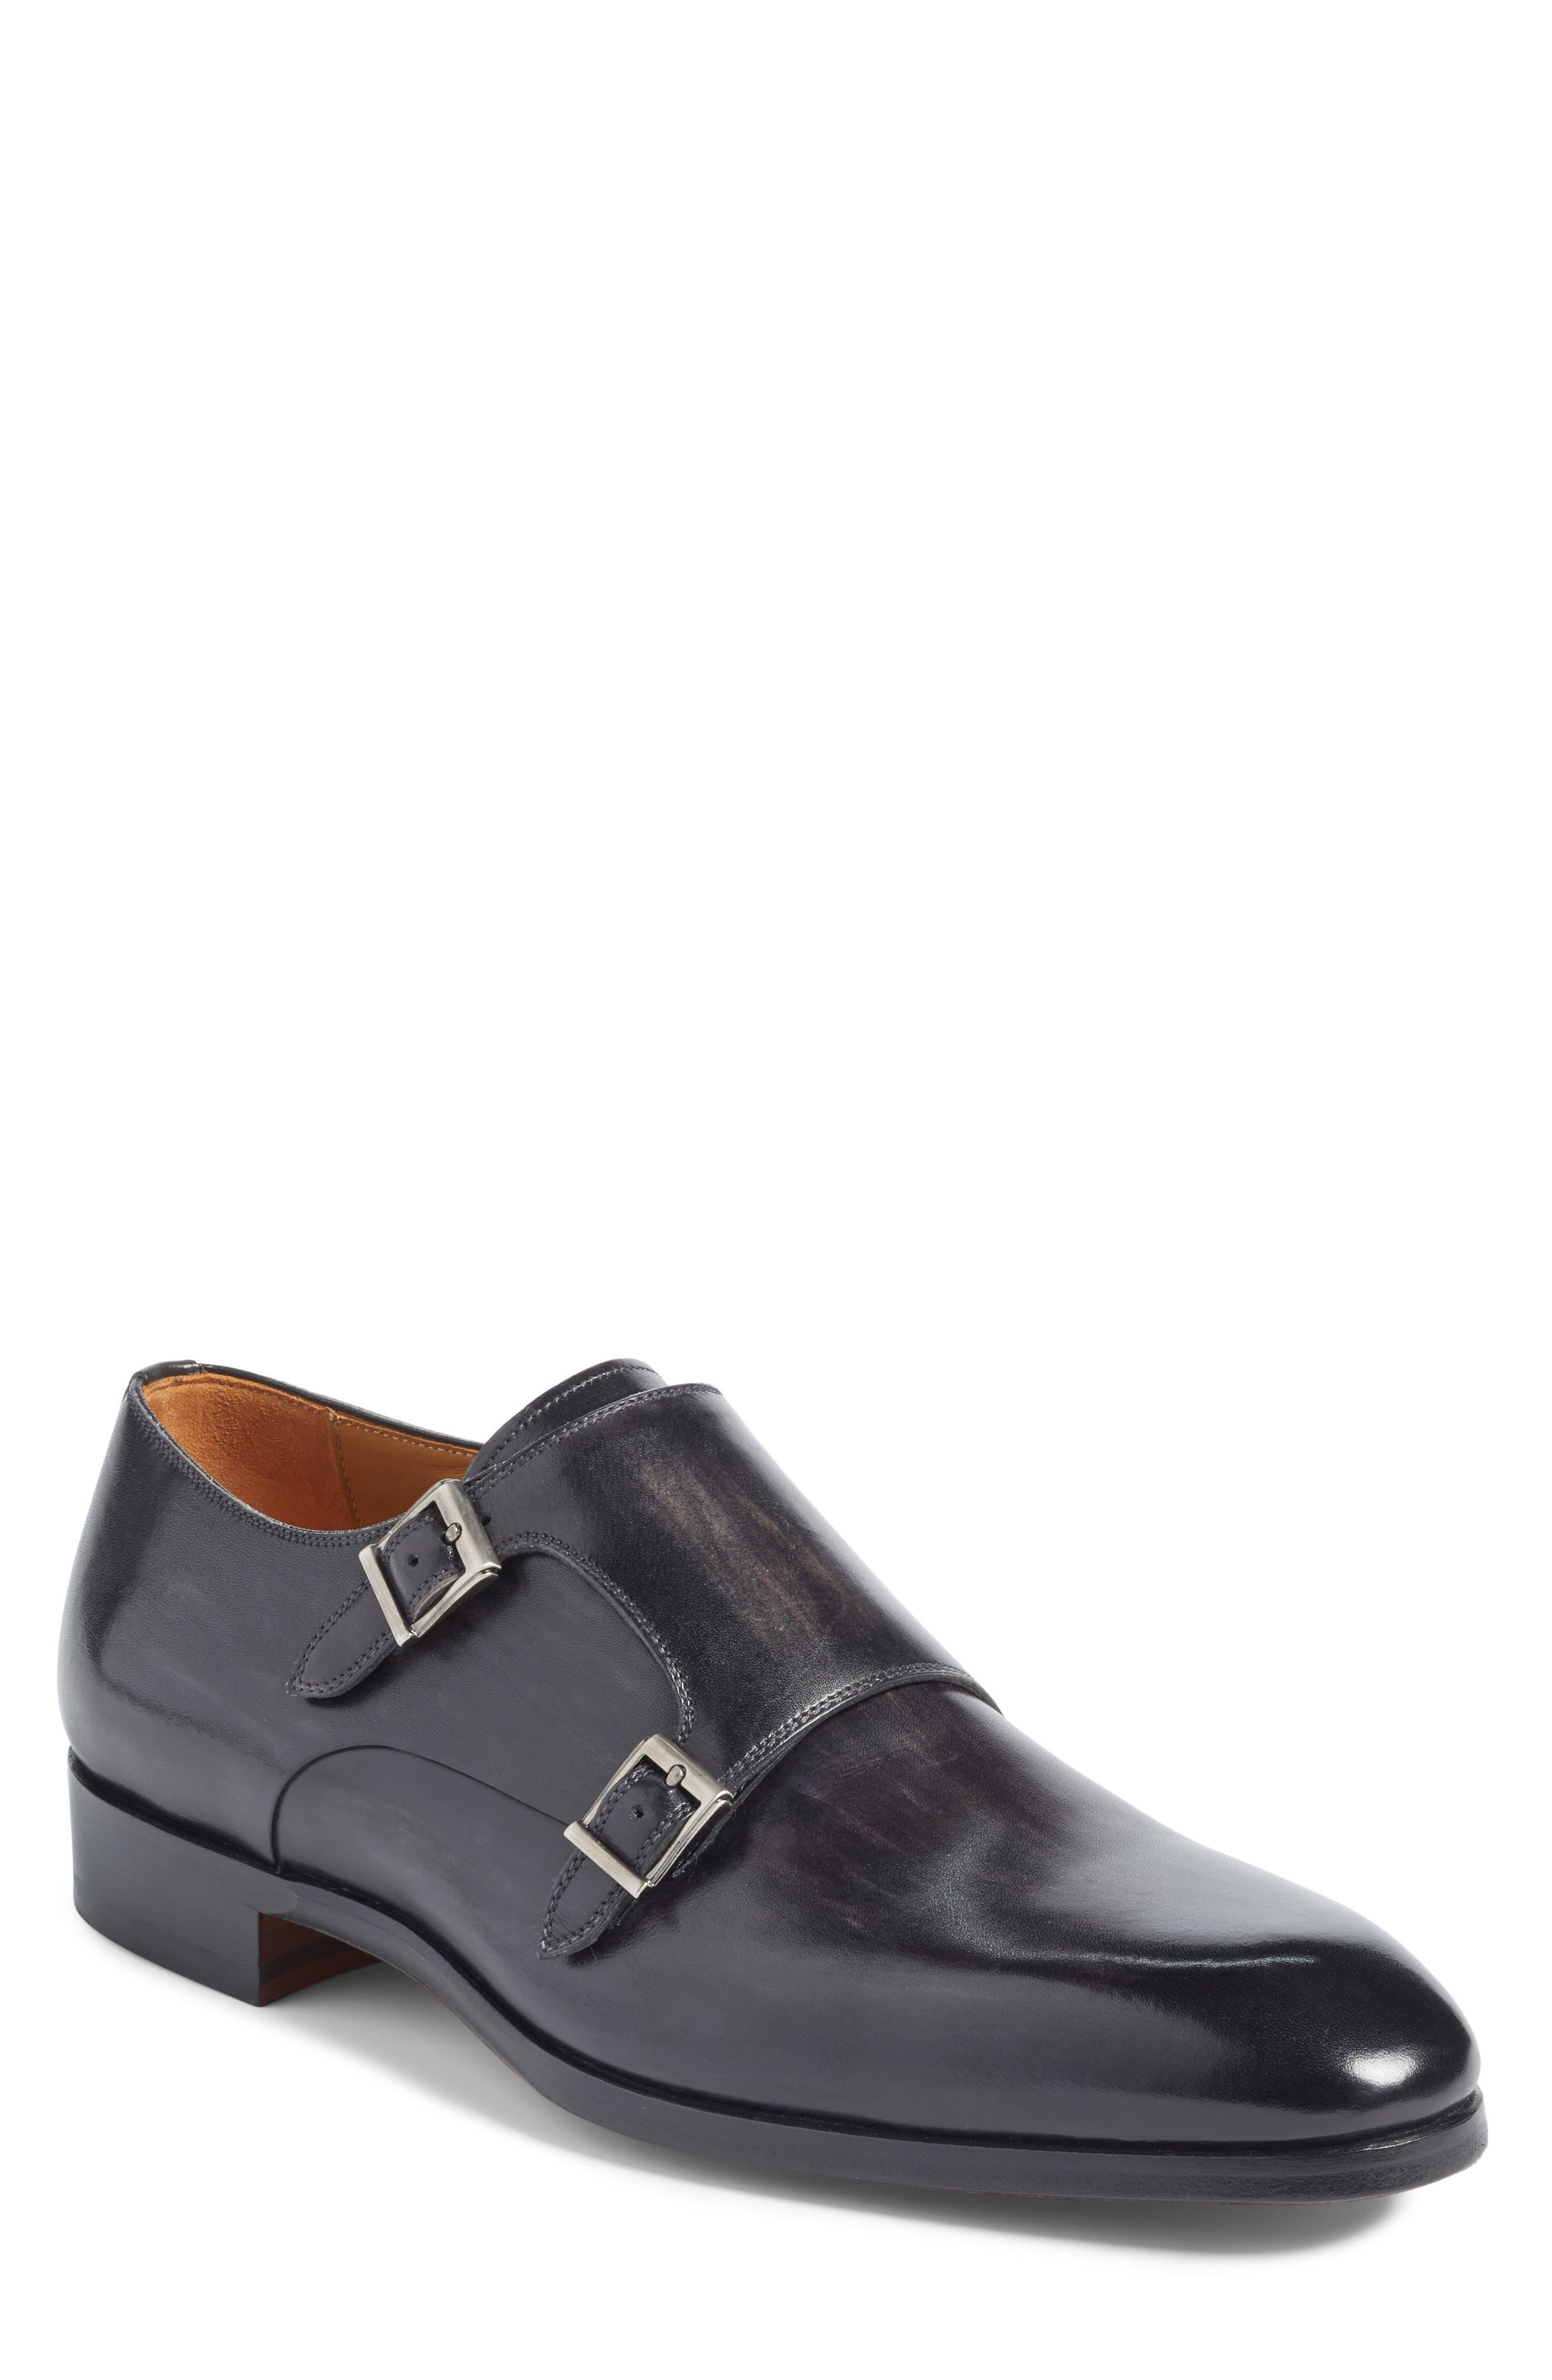 Magnanni Lucio Double Strap Monk Shoe (Men)